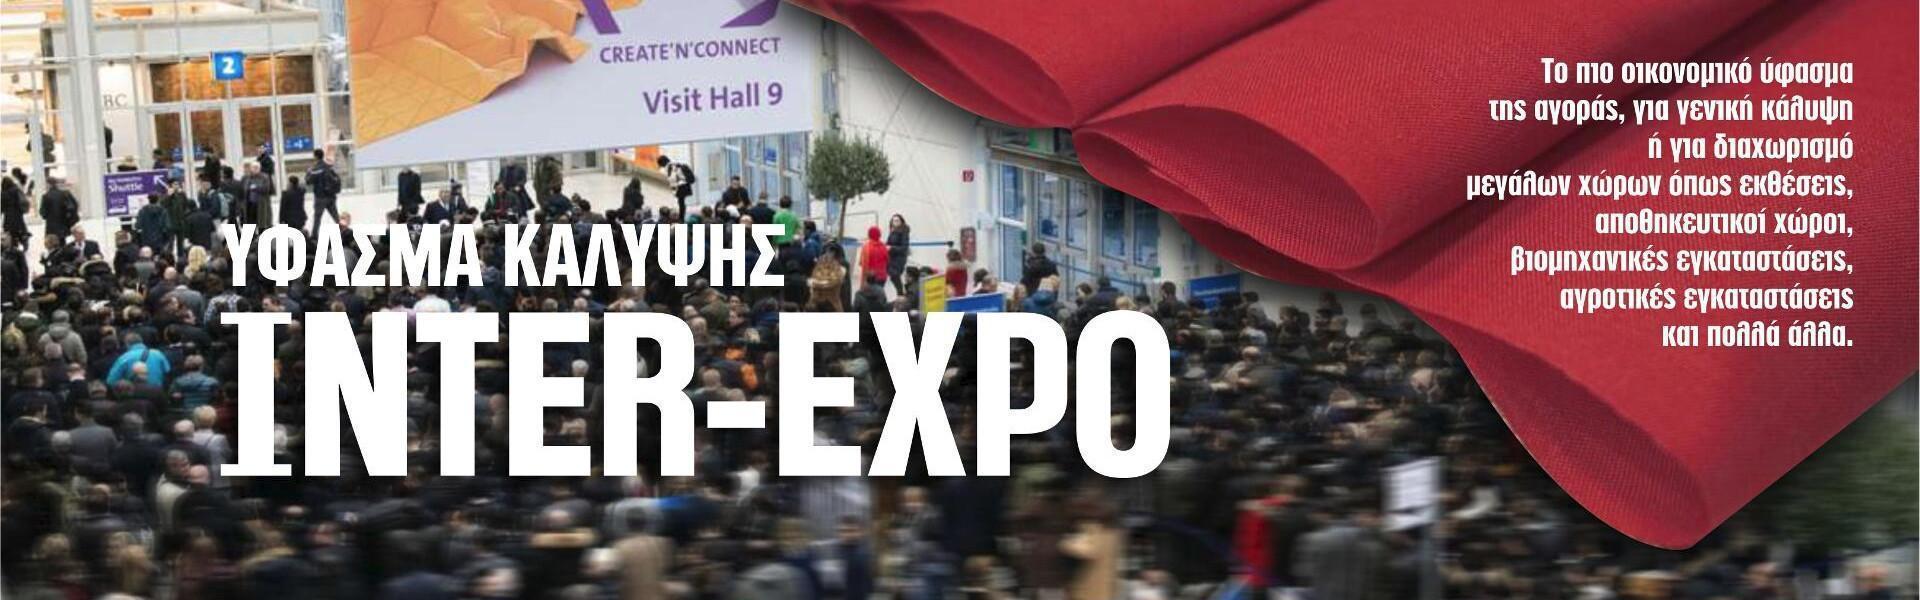 ΥΦΑΣΜΑ ΚΑΛΥΨΗΣ INTER-EXPO